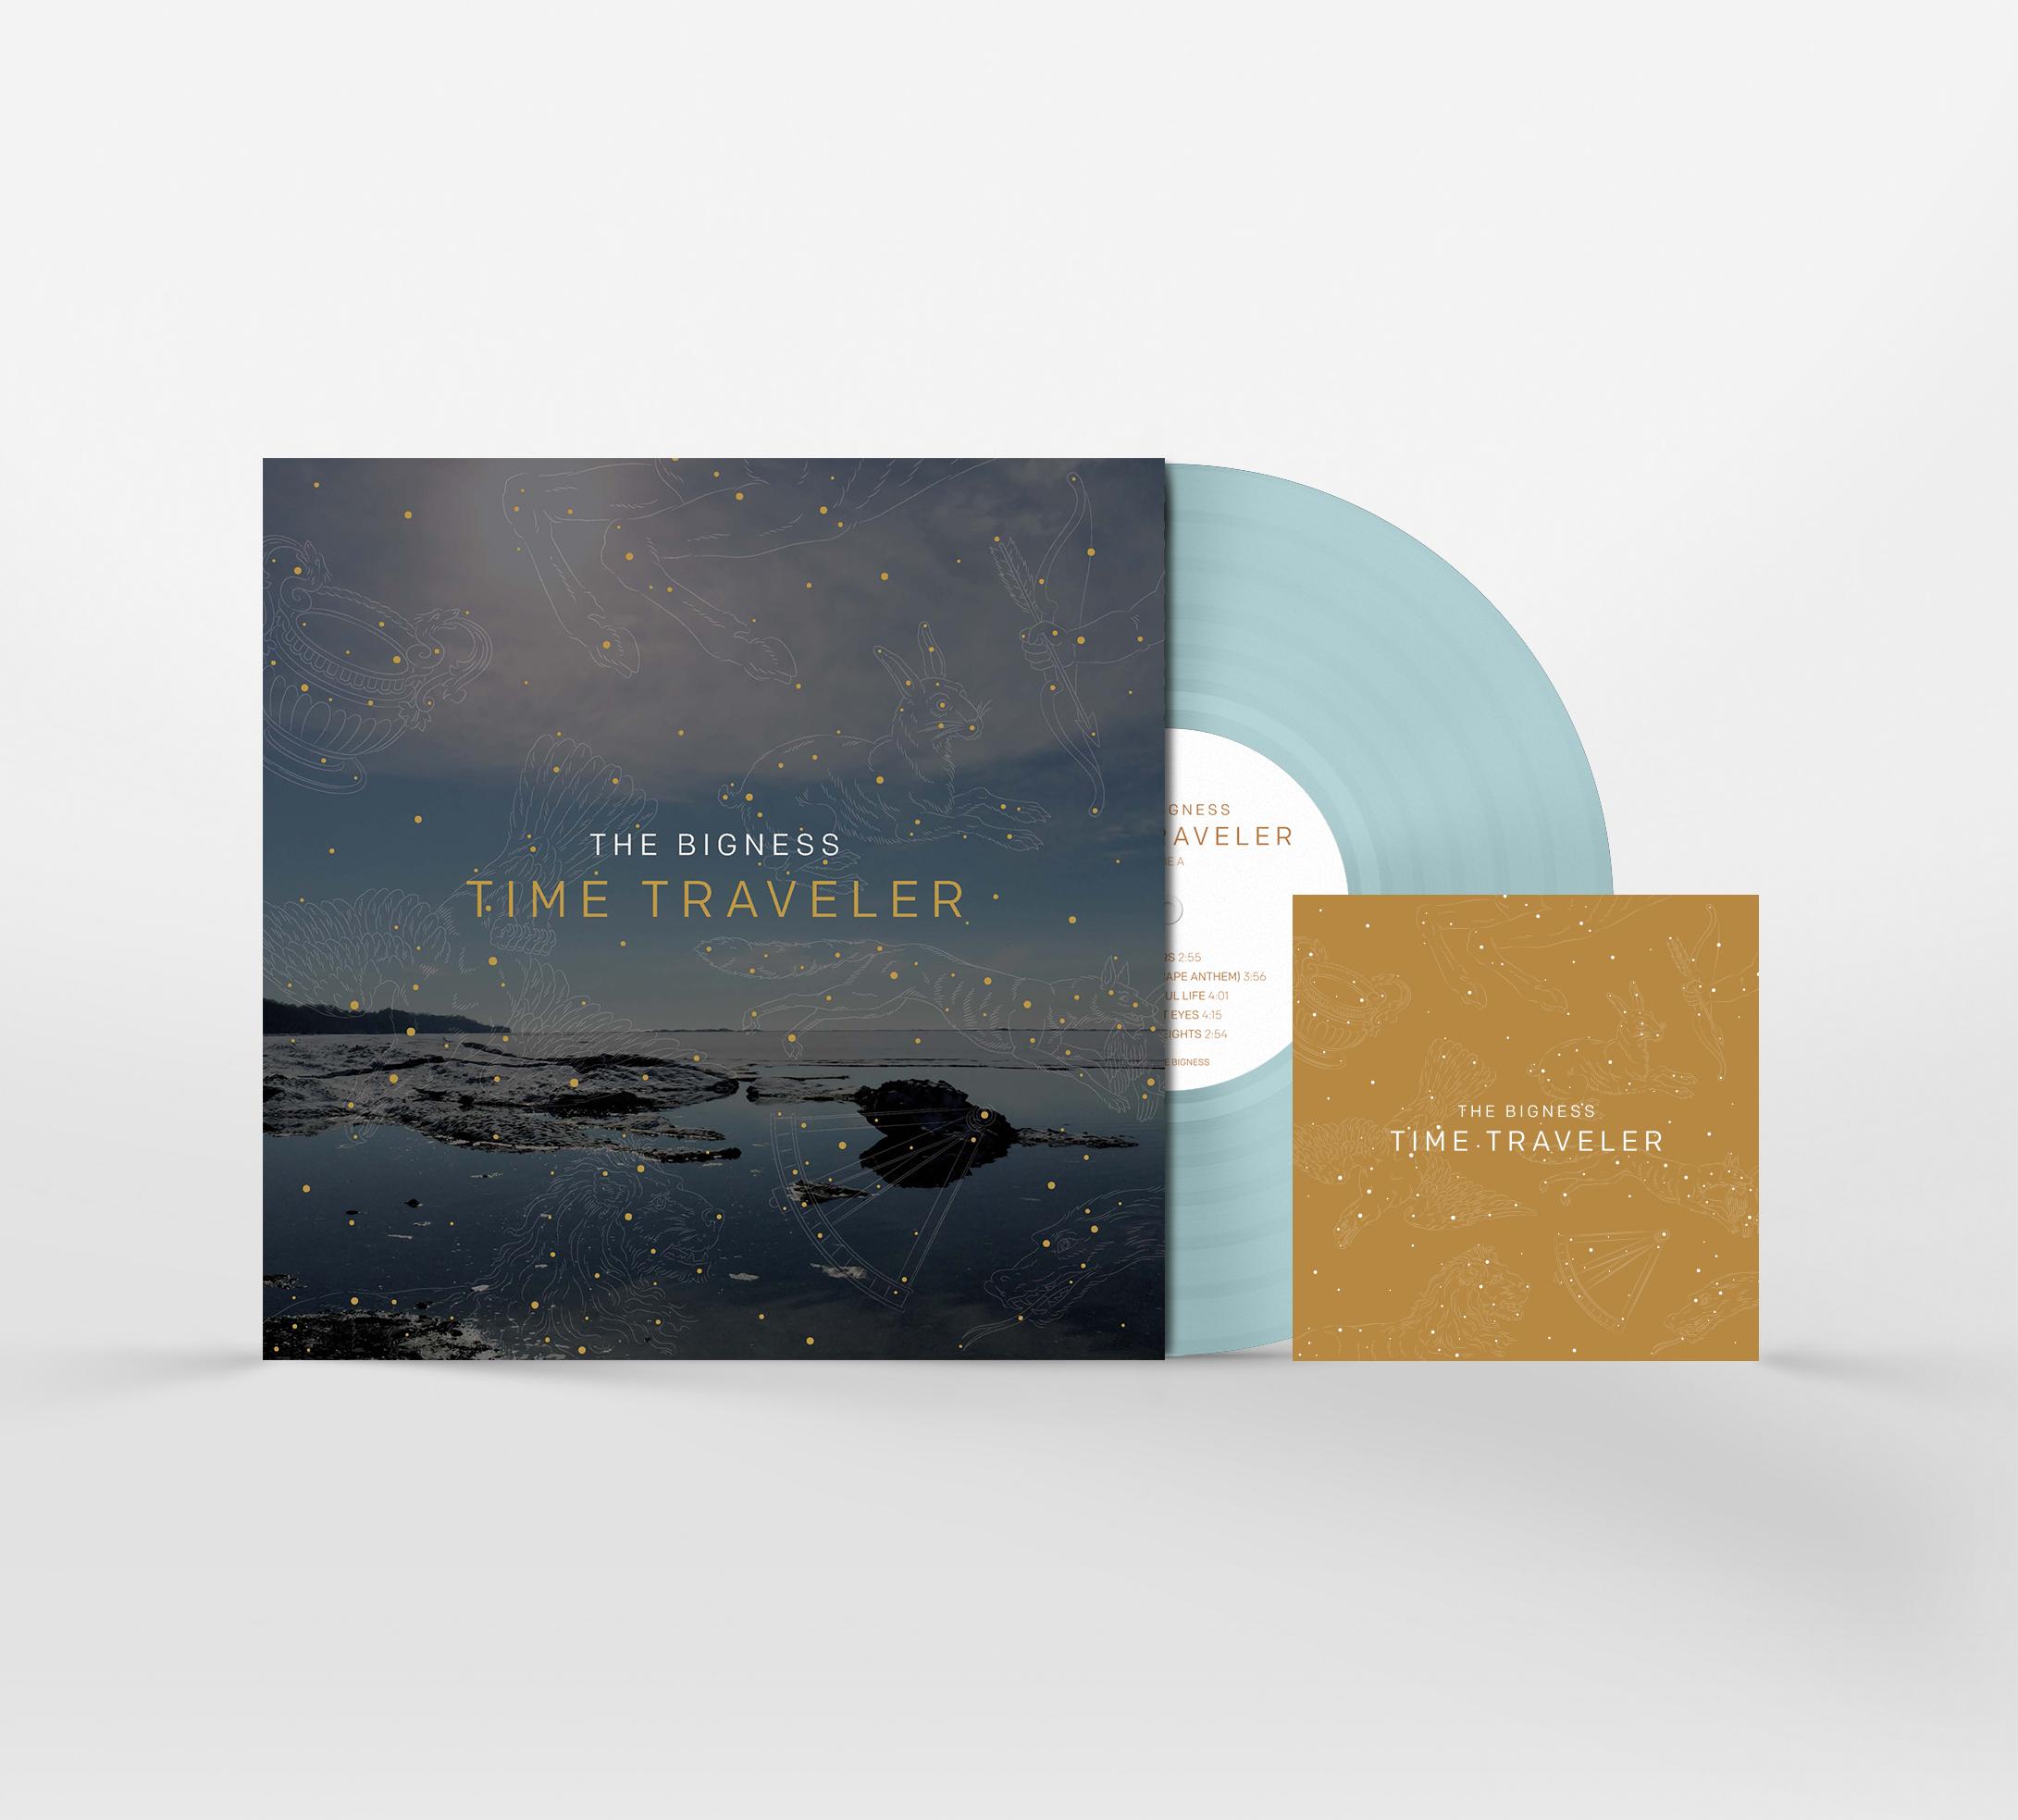 Time-Traveler_Vinyl-Mockup.jpg